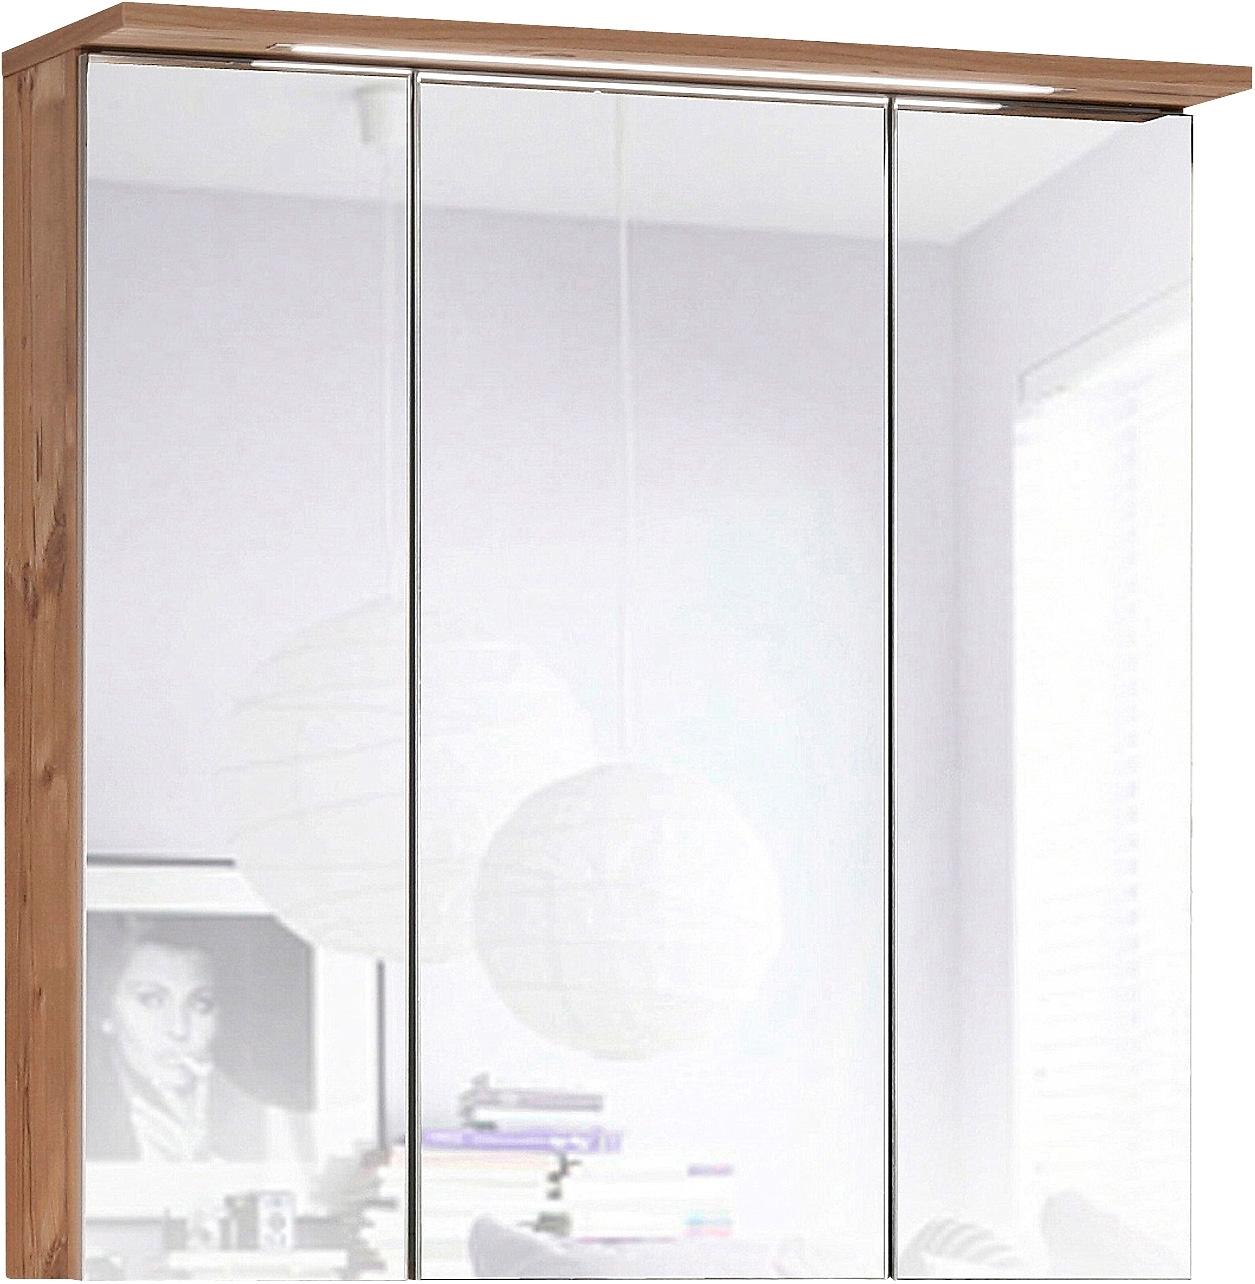 Schildmeyer Spiegelkast Profiel Breedte 70 cm, 3-deurs, verzonken ledverlichting, schakelaar-/stekkerdoos, glasplateaus, Made in Germany nu online kopen bij OTTO